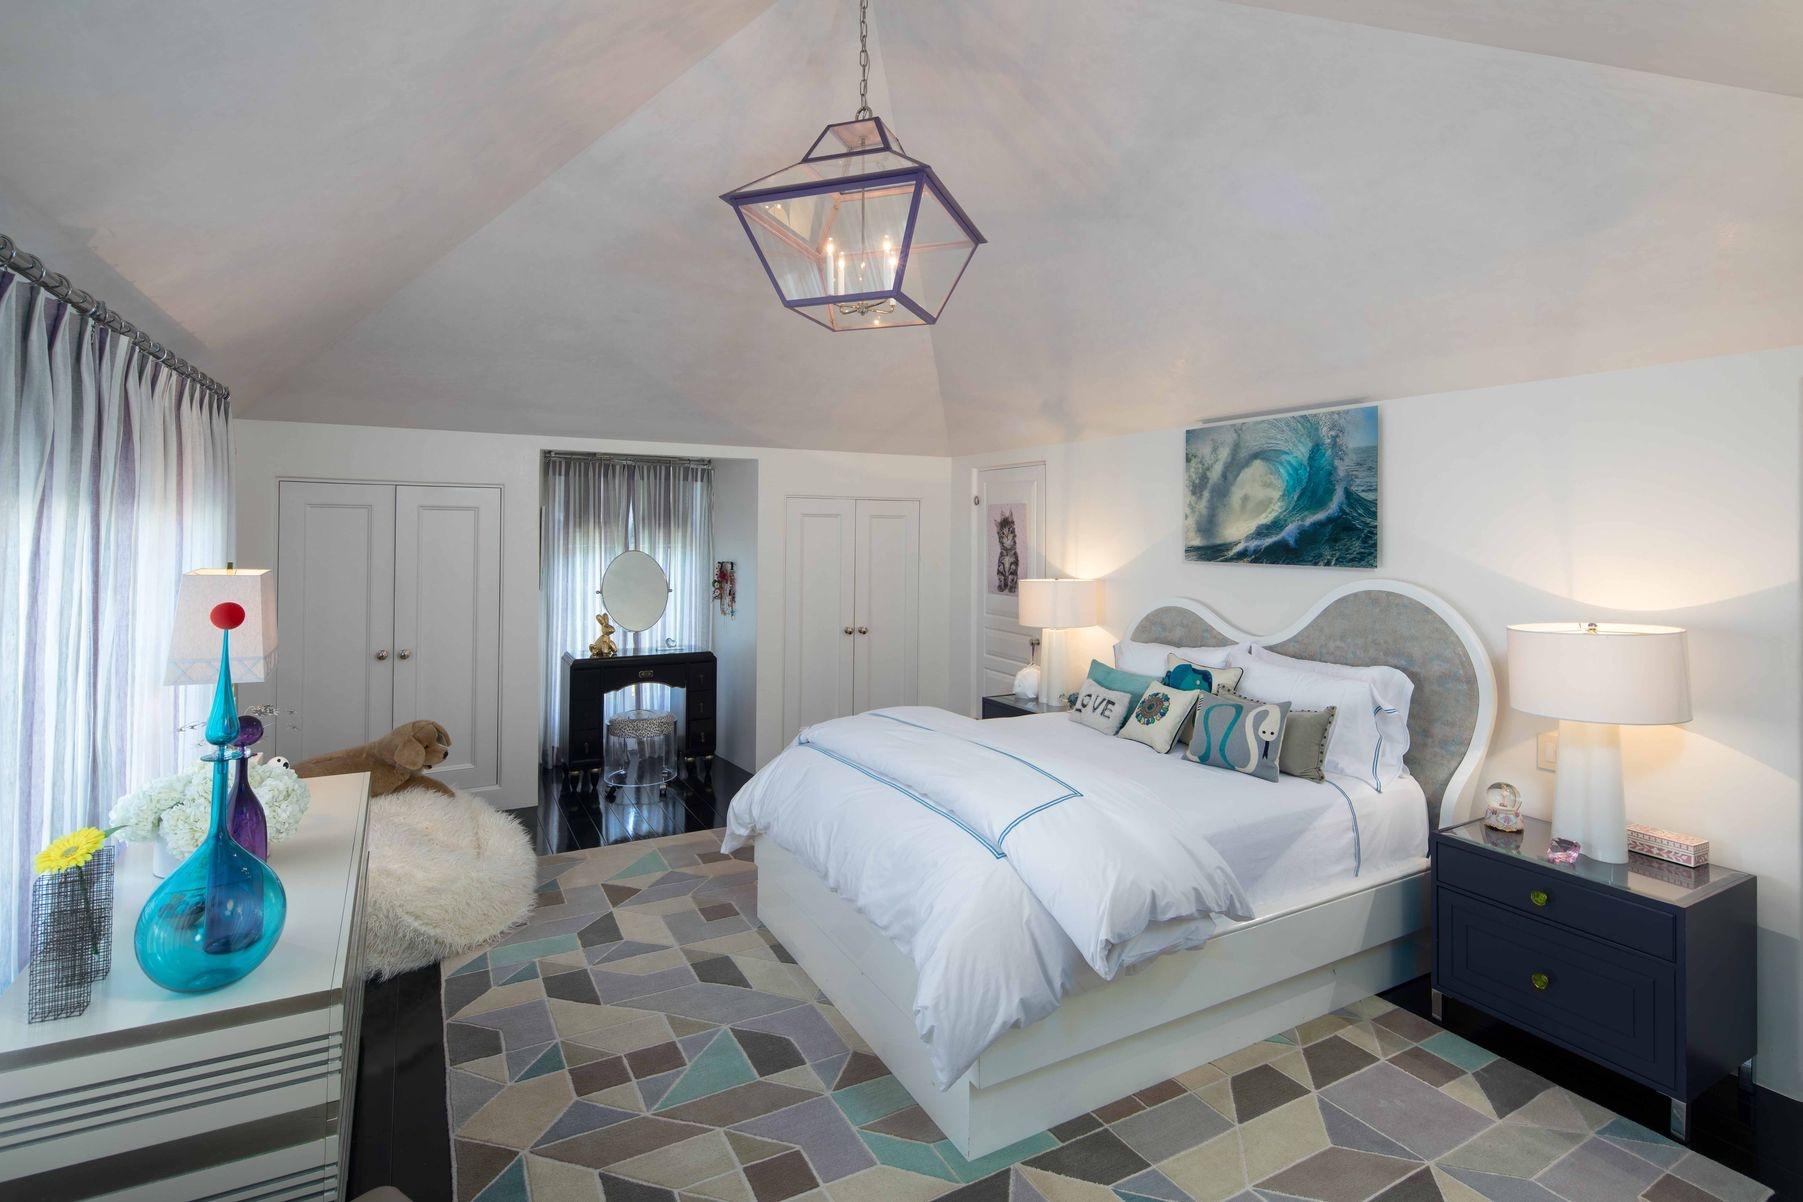 Бывший дом Брэда Питта и Дженнифер Энистон выставлен на продажу (галерея 9, фото 4)